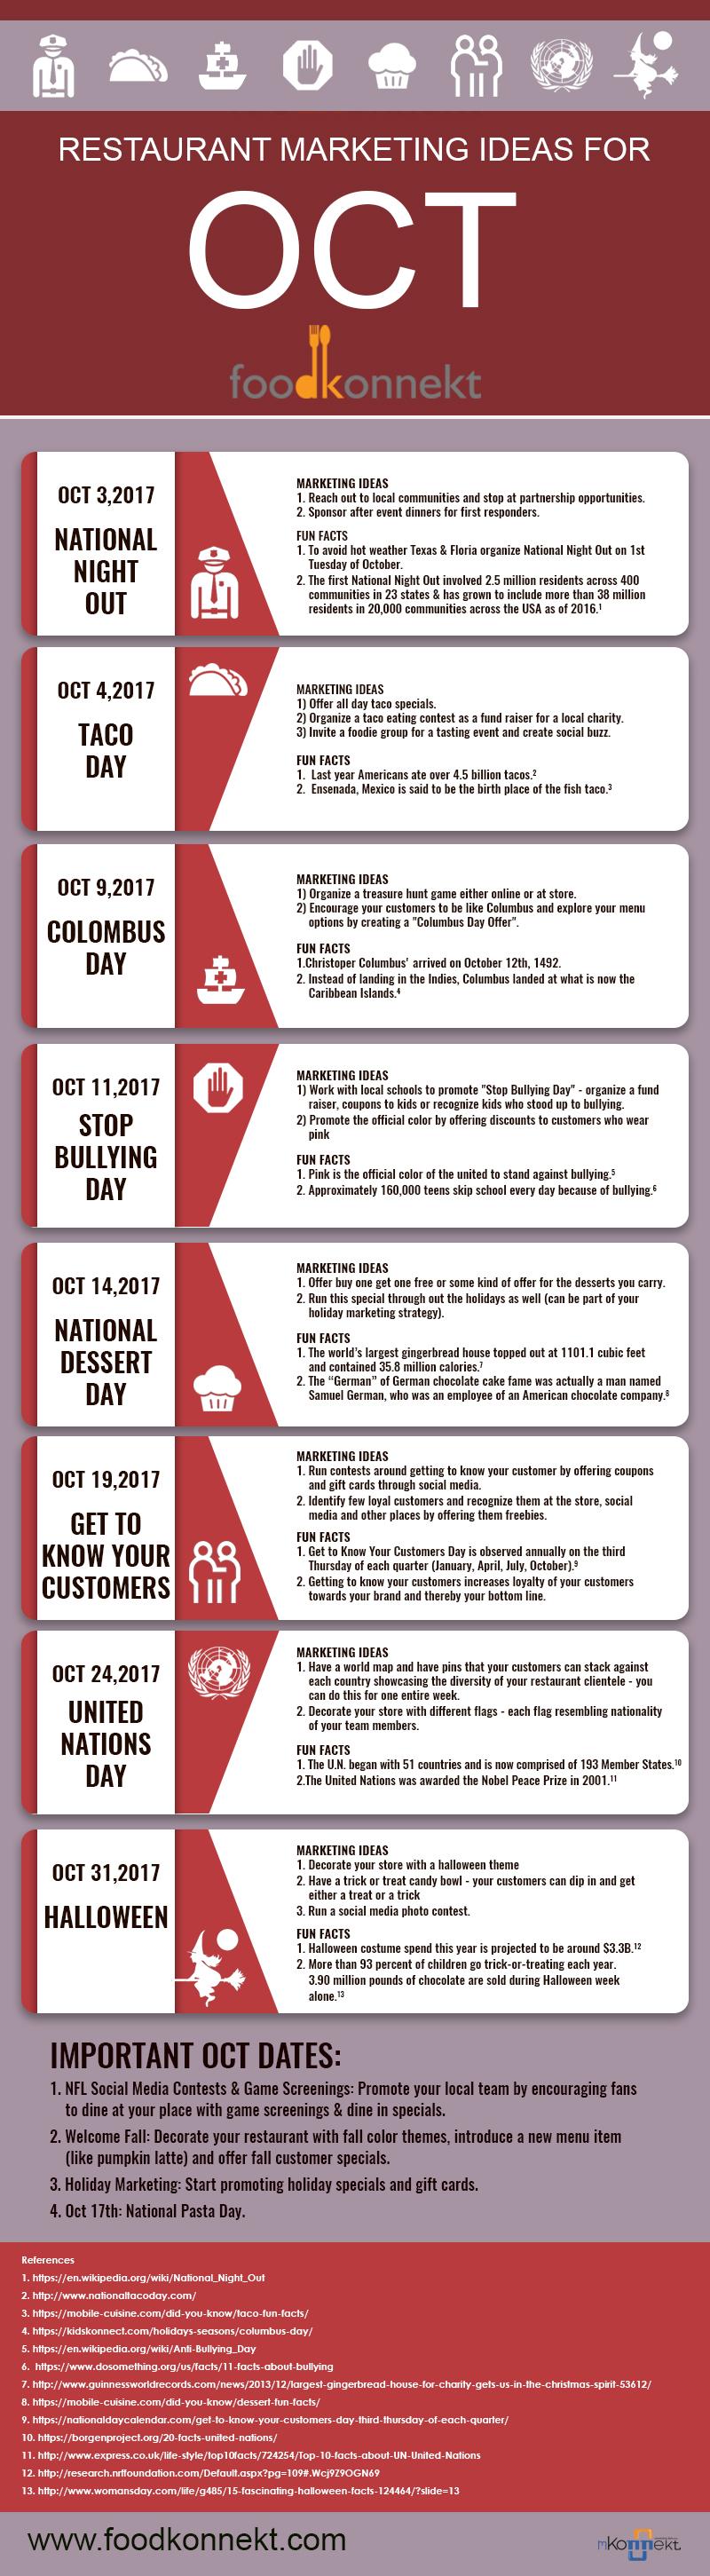 Restaurant Marketing Ideas for October 2017